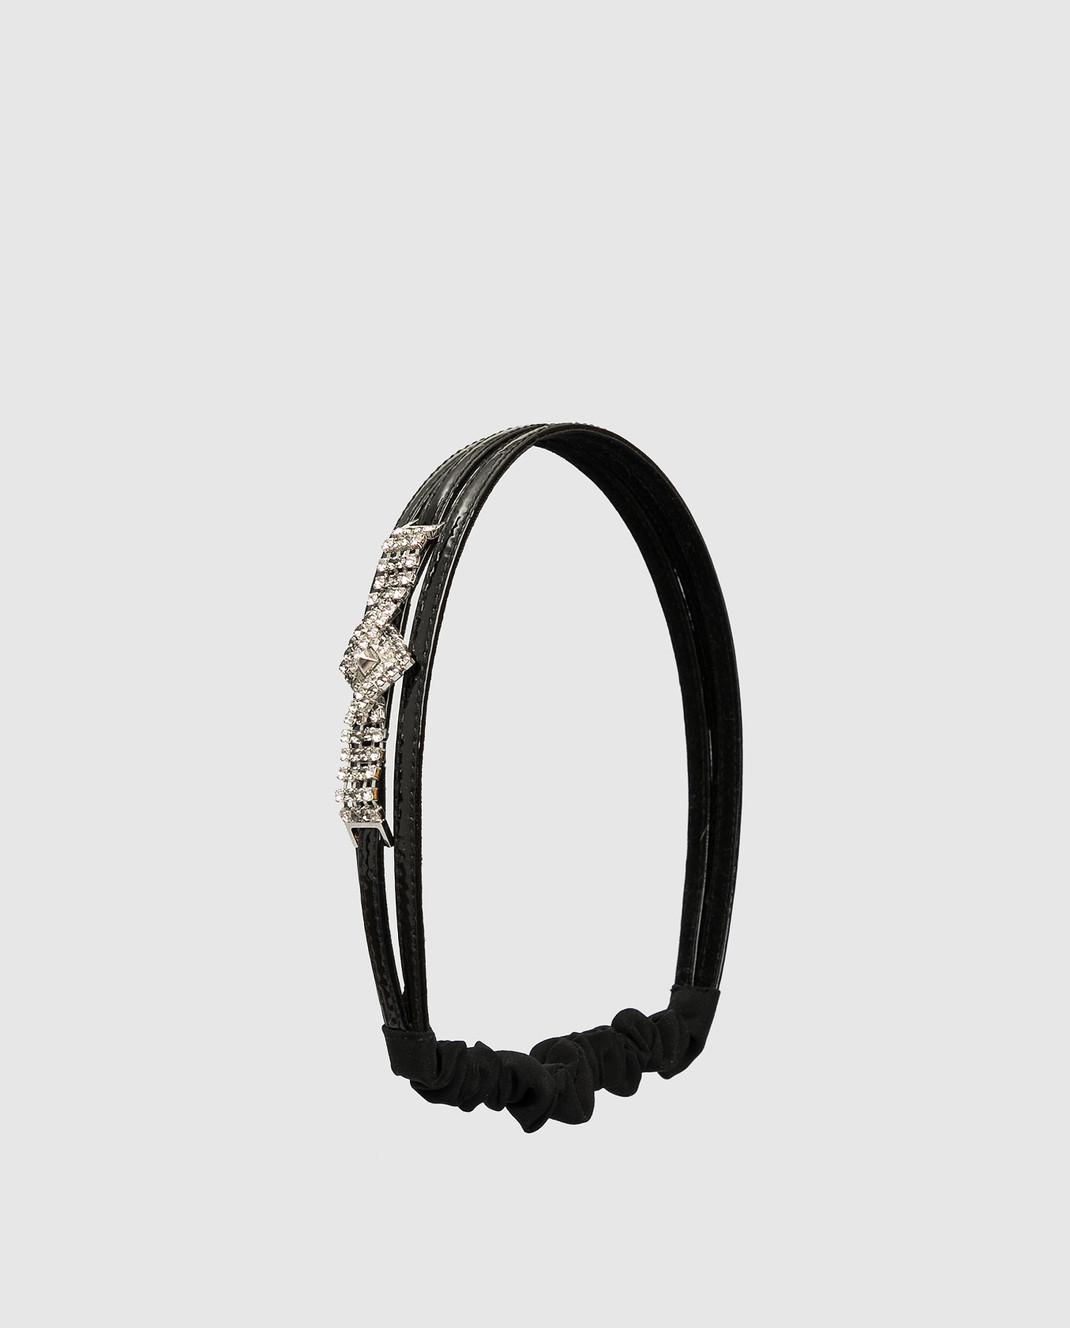 Alexandre De Paris Черный кожаный ободок с кристаллами THB036CA13 изображение 3